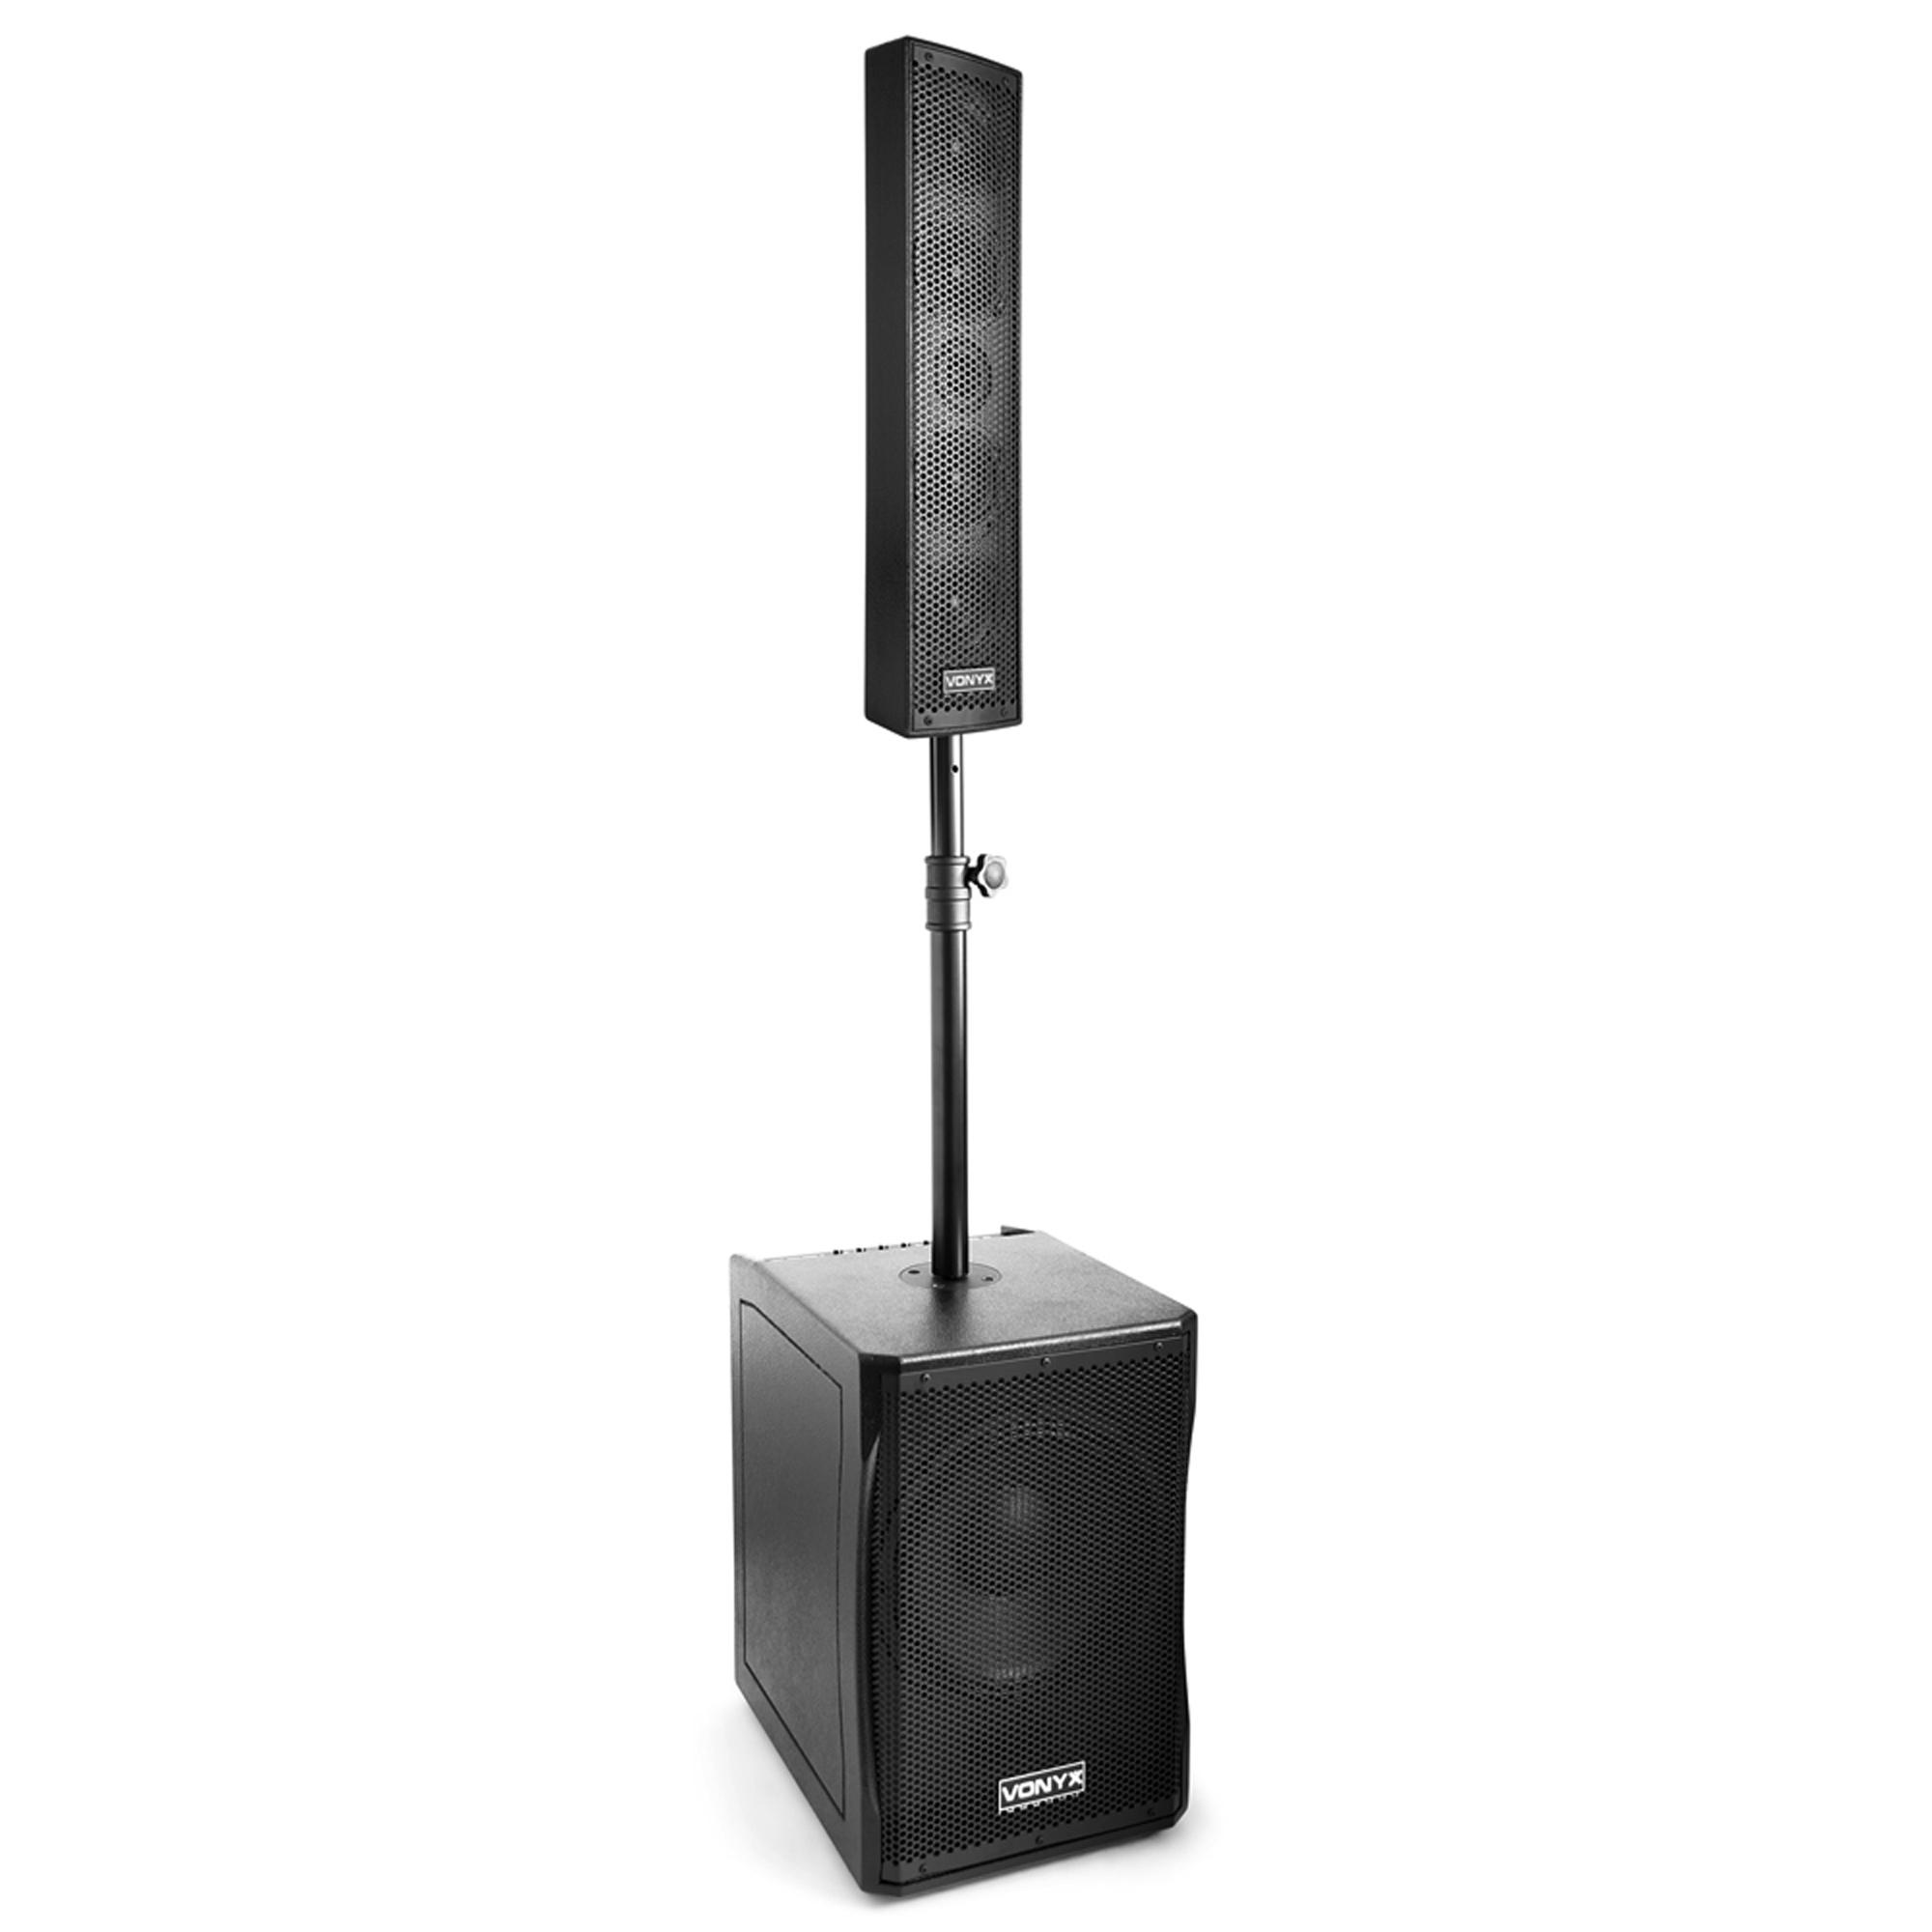 vonyx vx1200 2 way full range speaker subwoofer system dj pa column array 750w. Black Bedroom Furniture Sets. Home Design Ideas